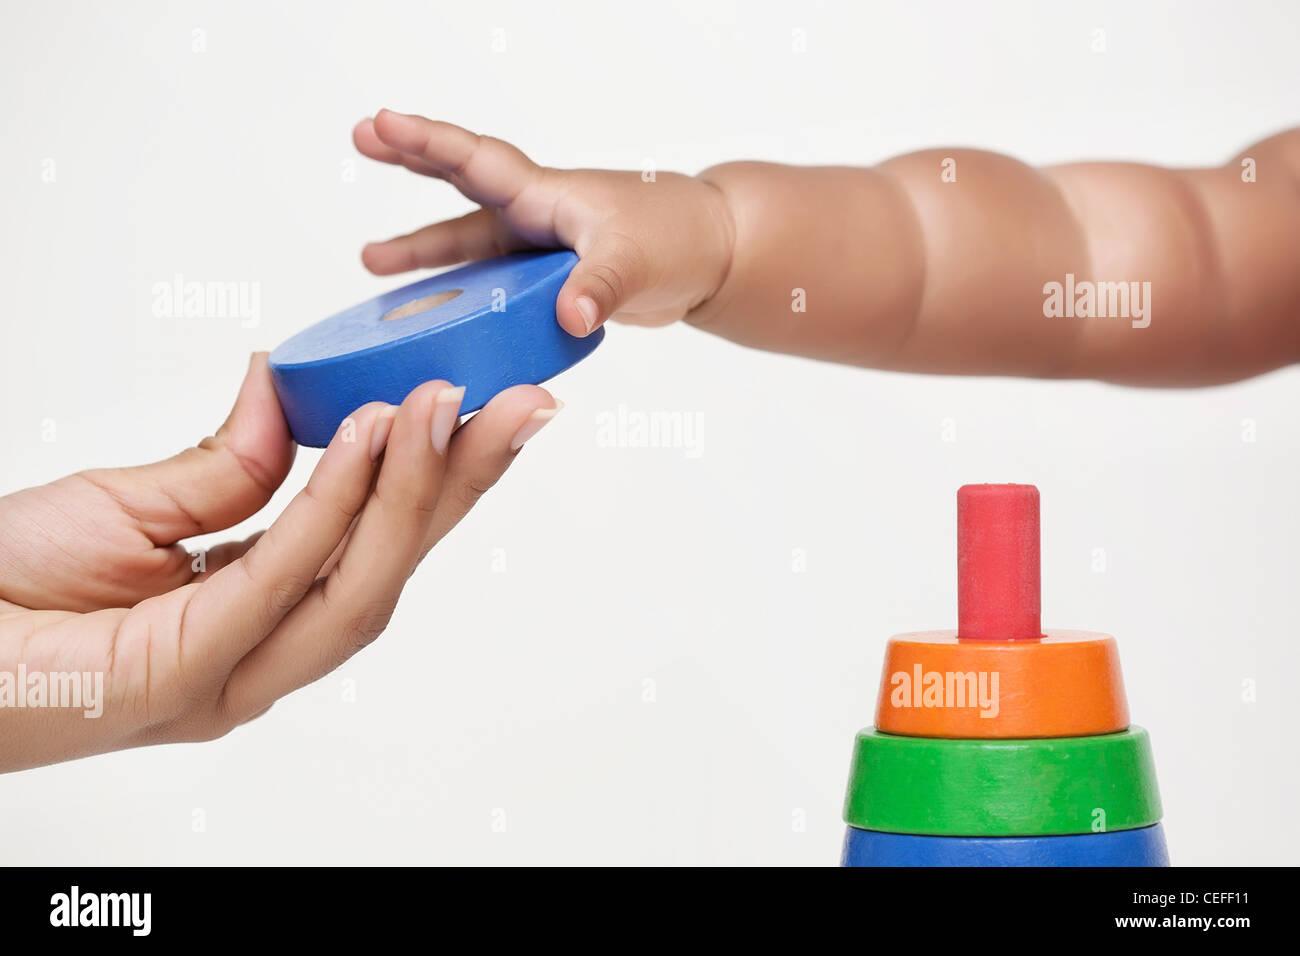 Main adultes donne un building block et bébé apprend à grip it Photo Stock